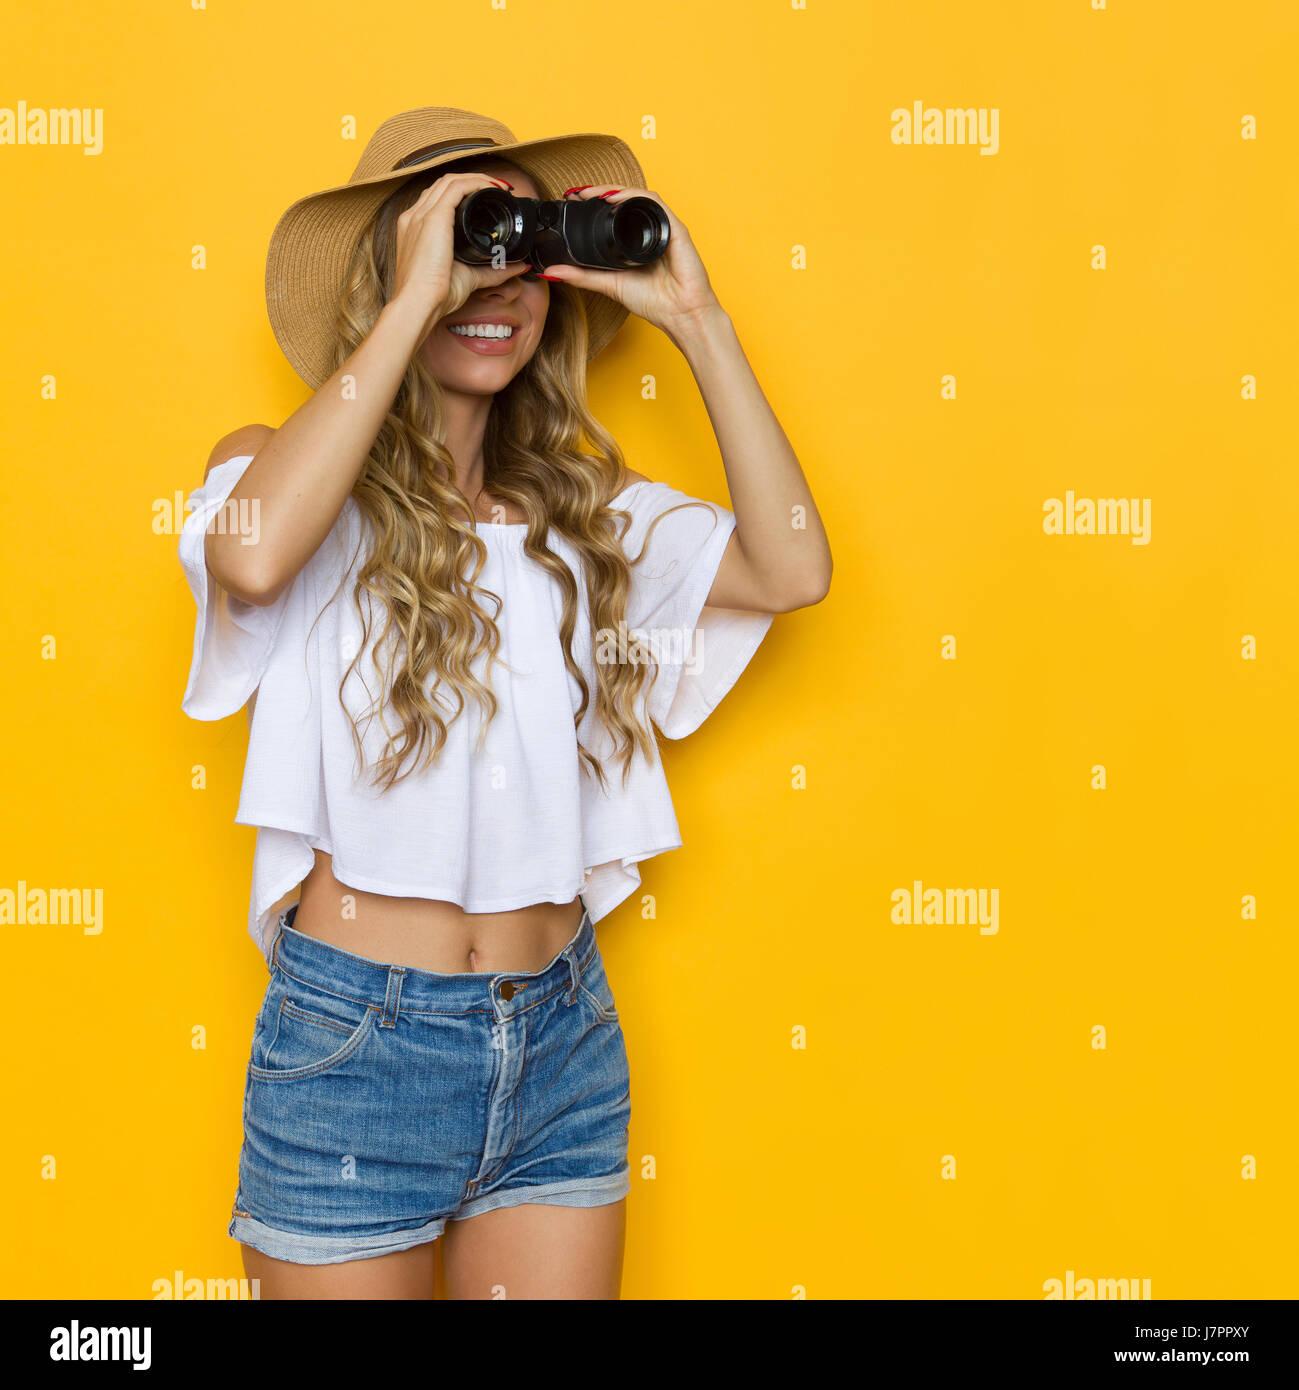 Jeune femme blonde en jeans pantalon, chemise blanche et chapeau de paille, à l'écart dans les jumelles, Photo Stock